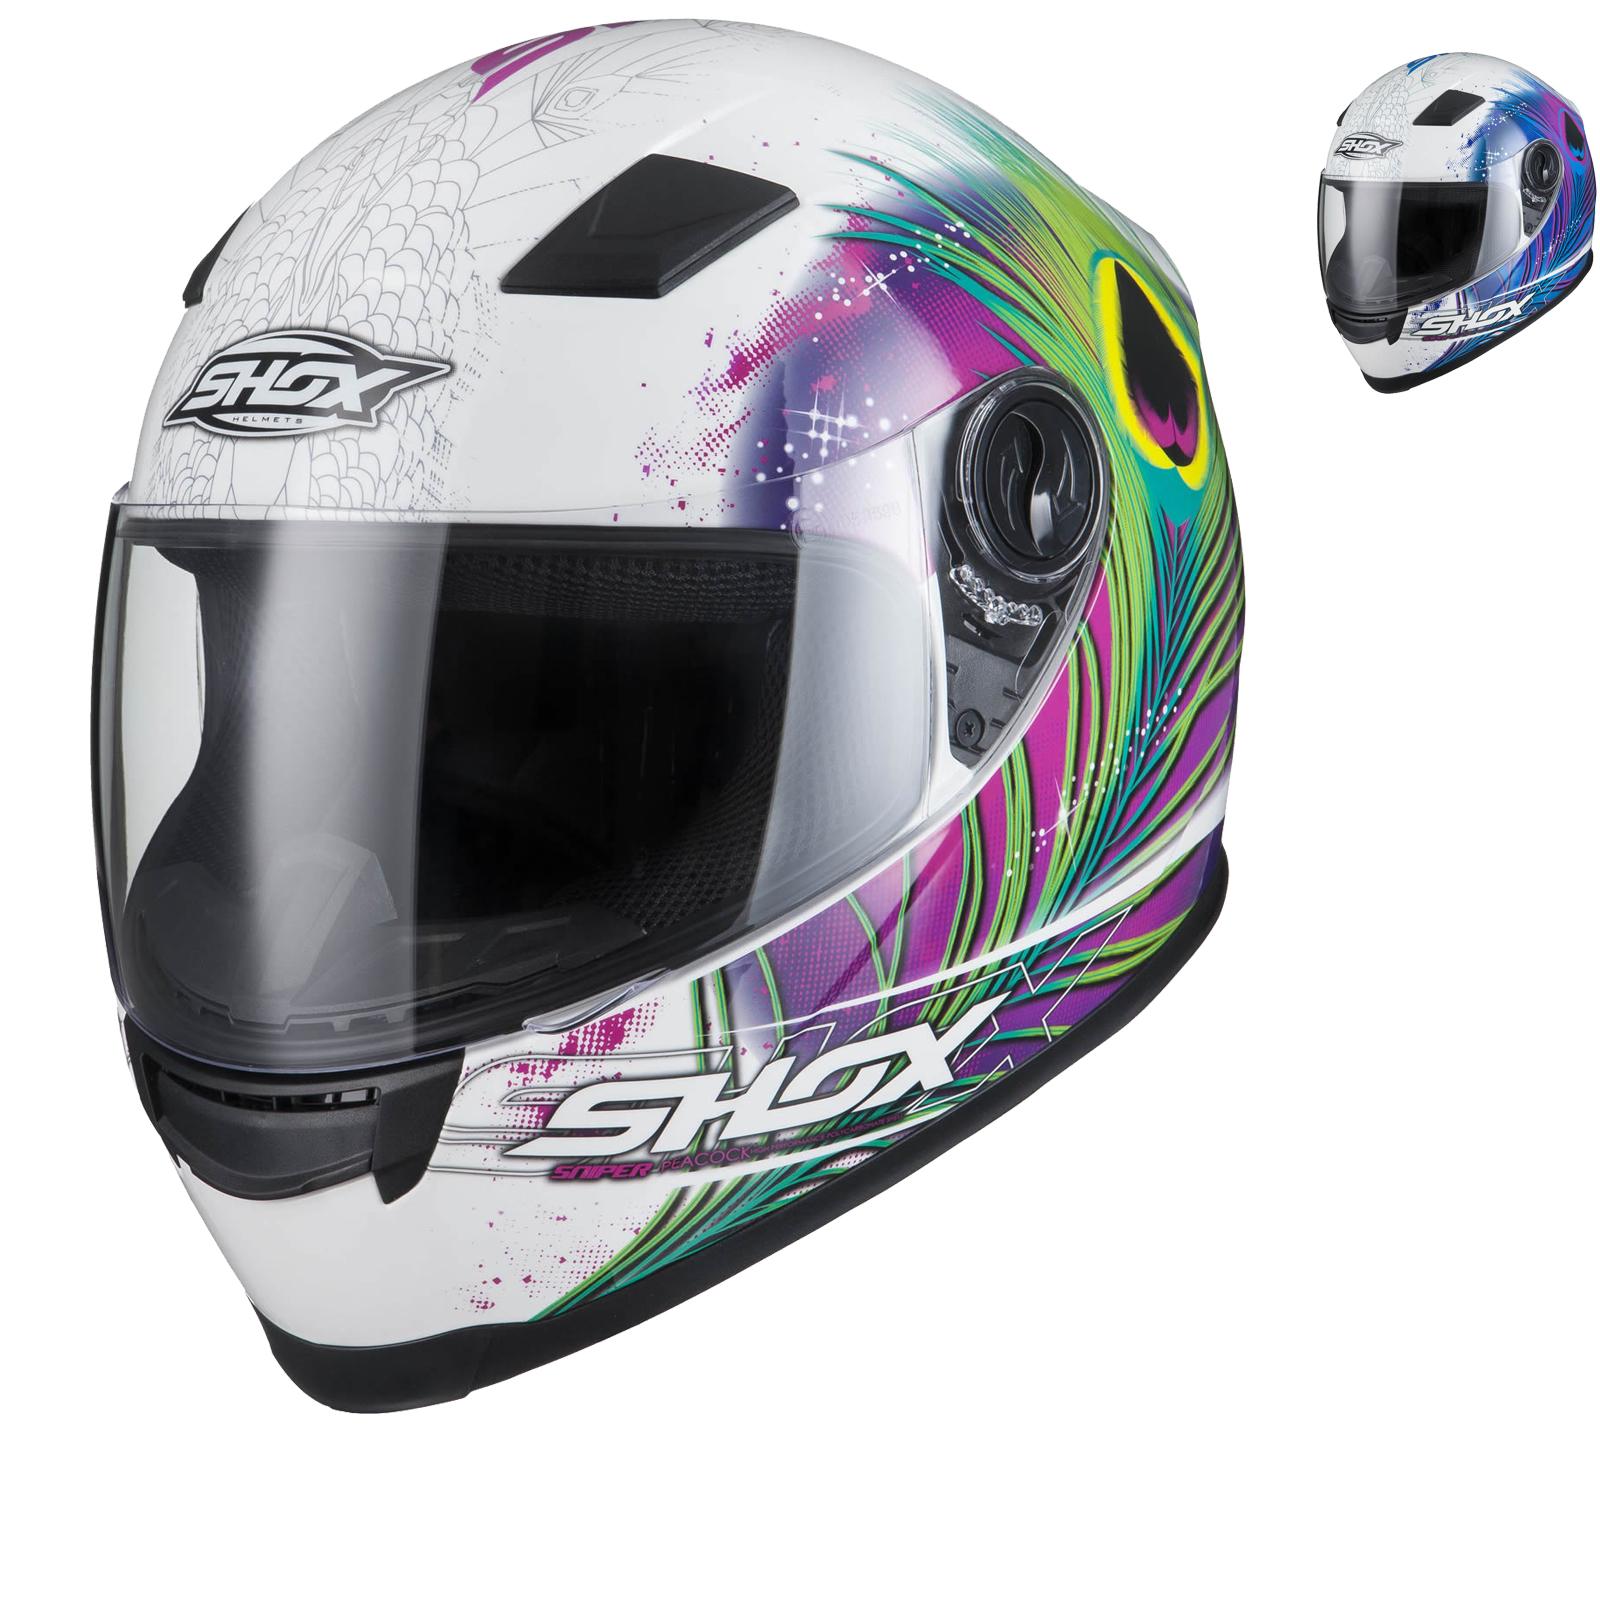 Shox Sniper Solid Motorrad Helm